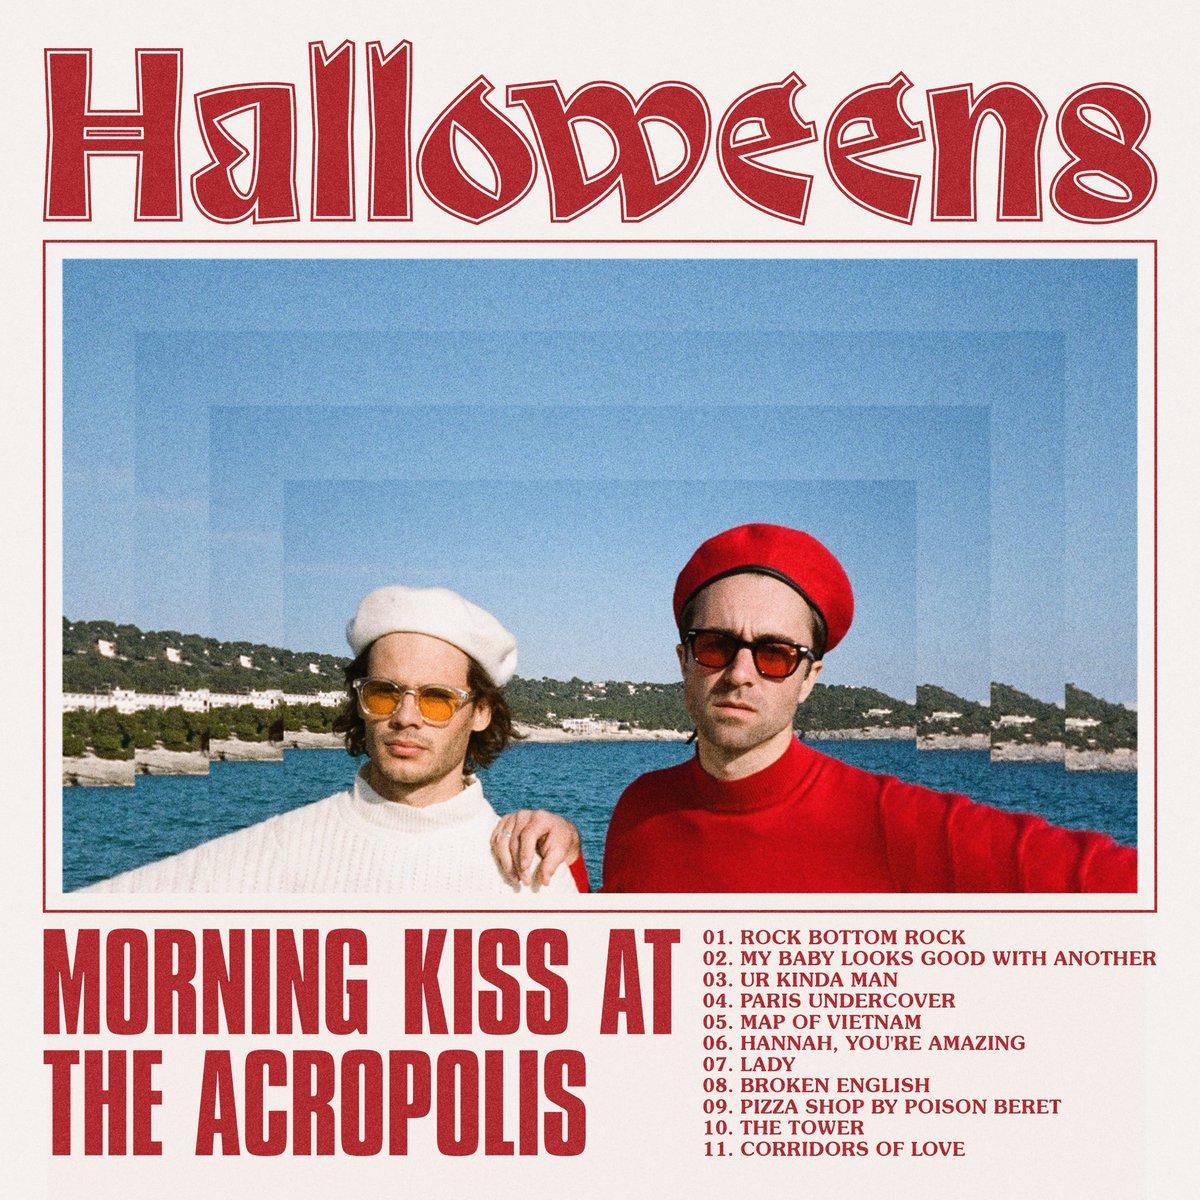 Morning Kiss At The Acropolis